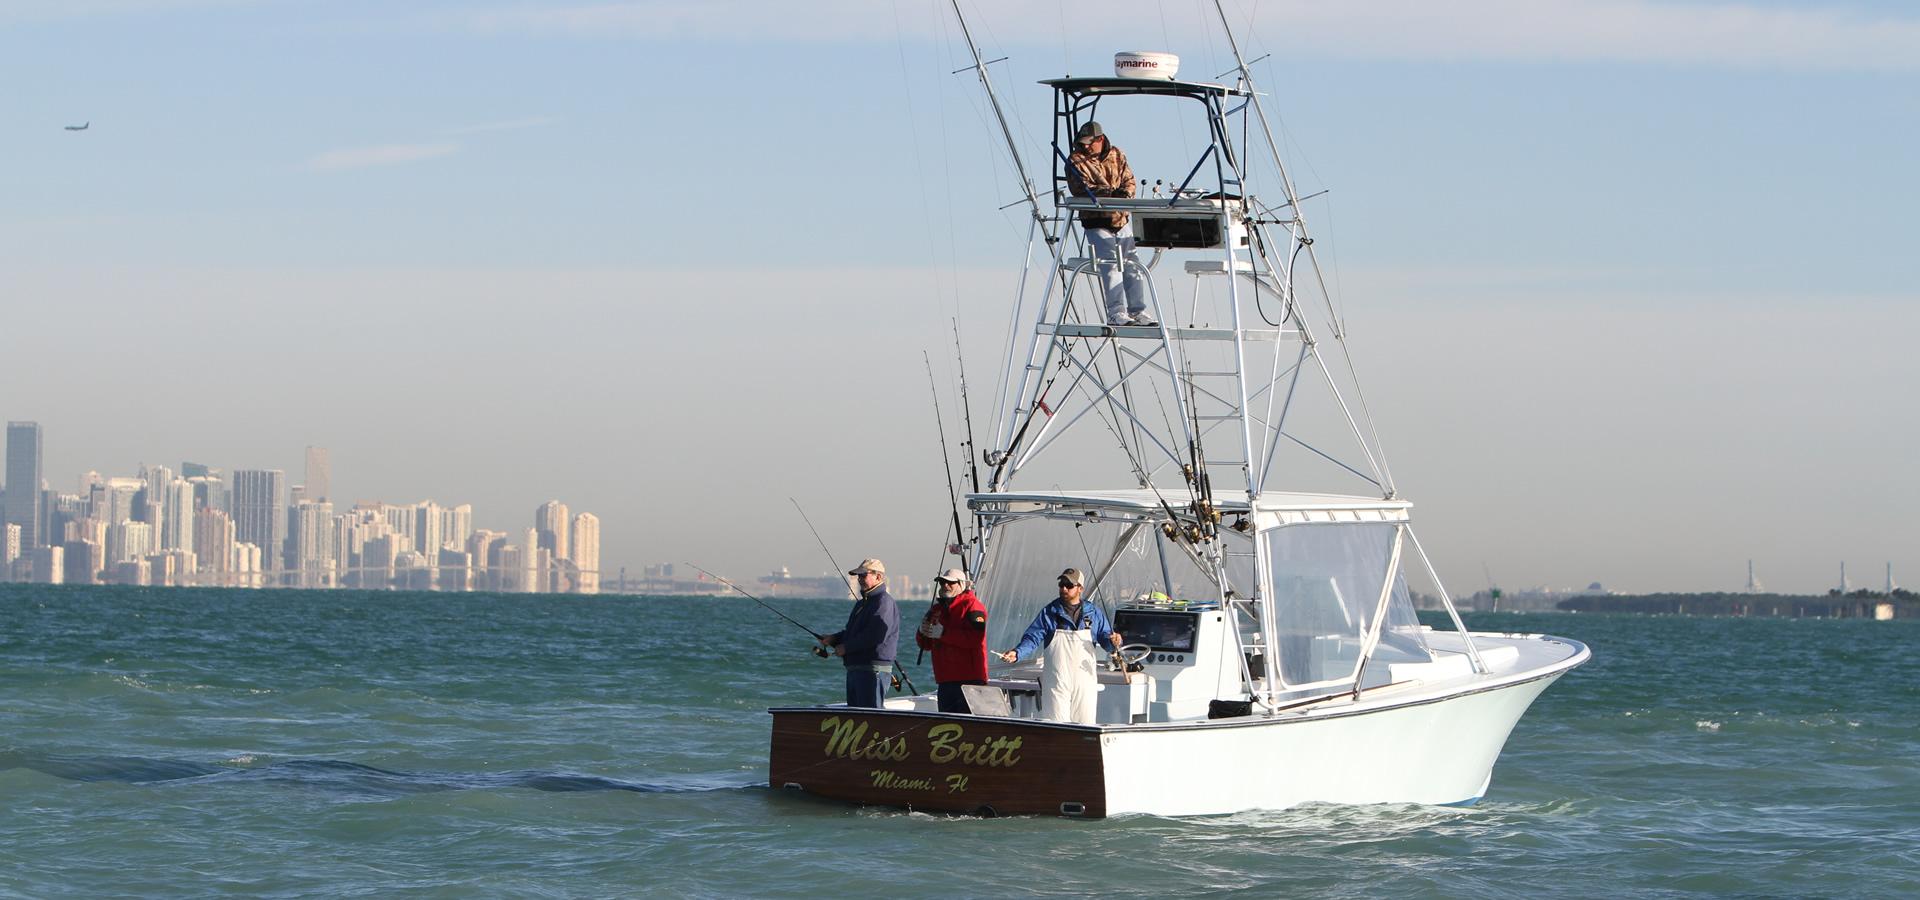 Miss Britt I - 34' Boat